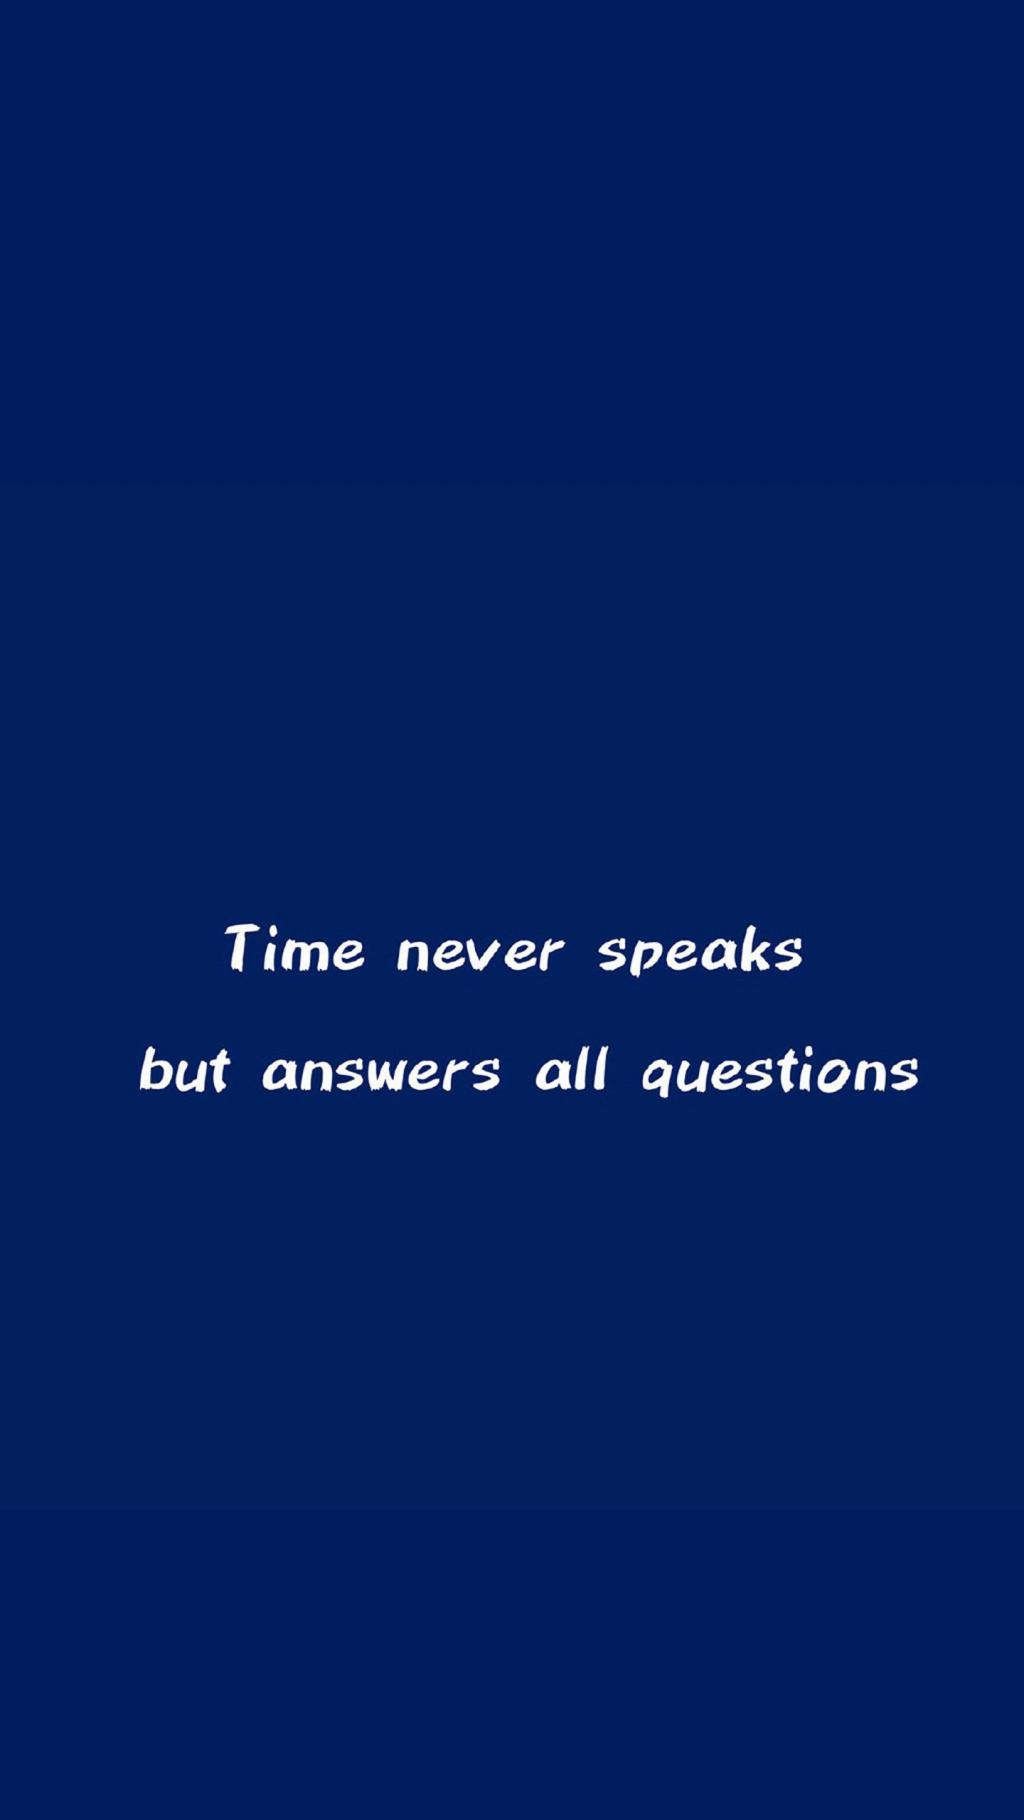 励志英文哲理短句